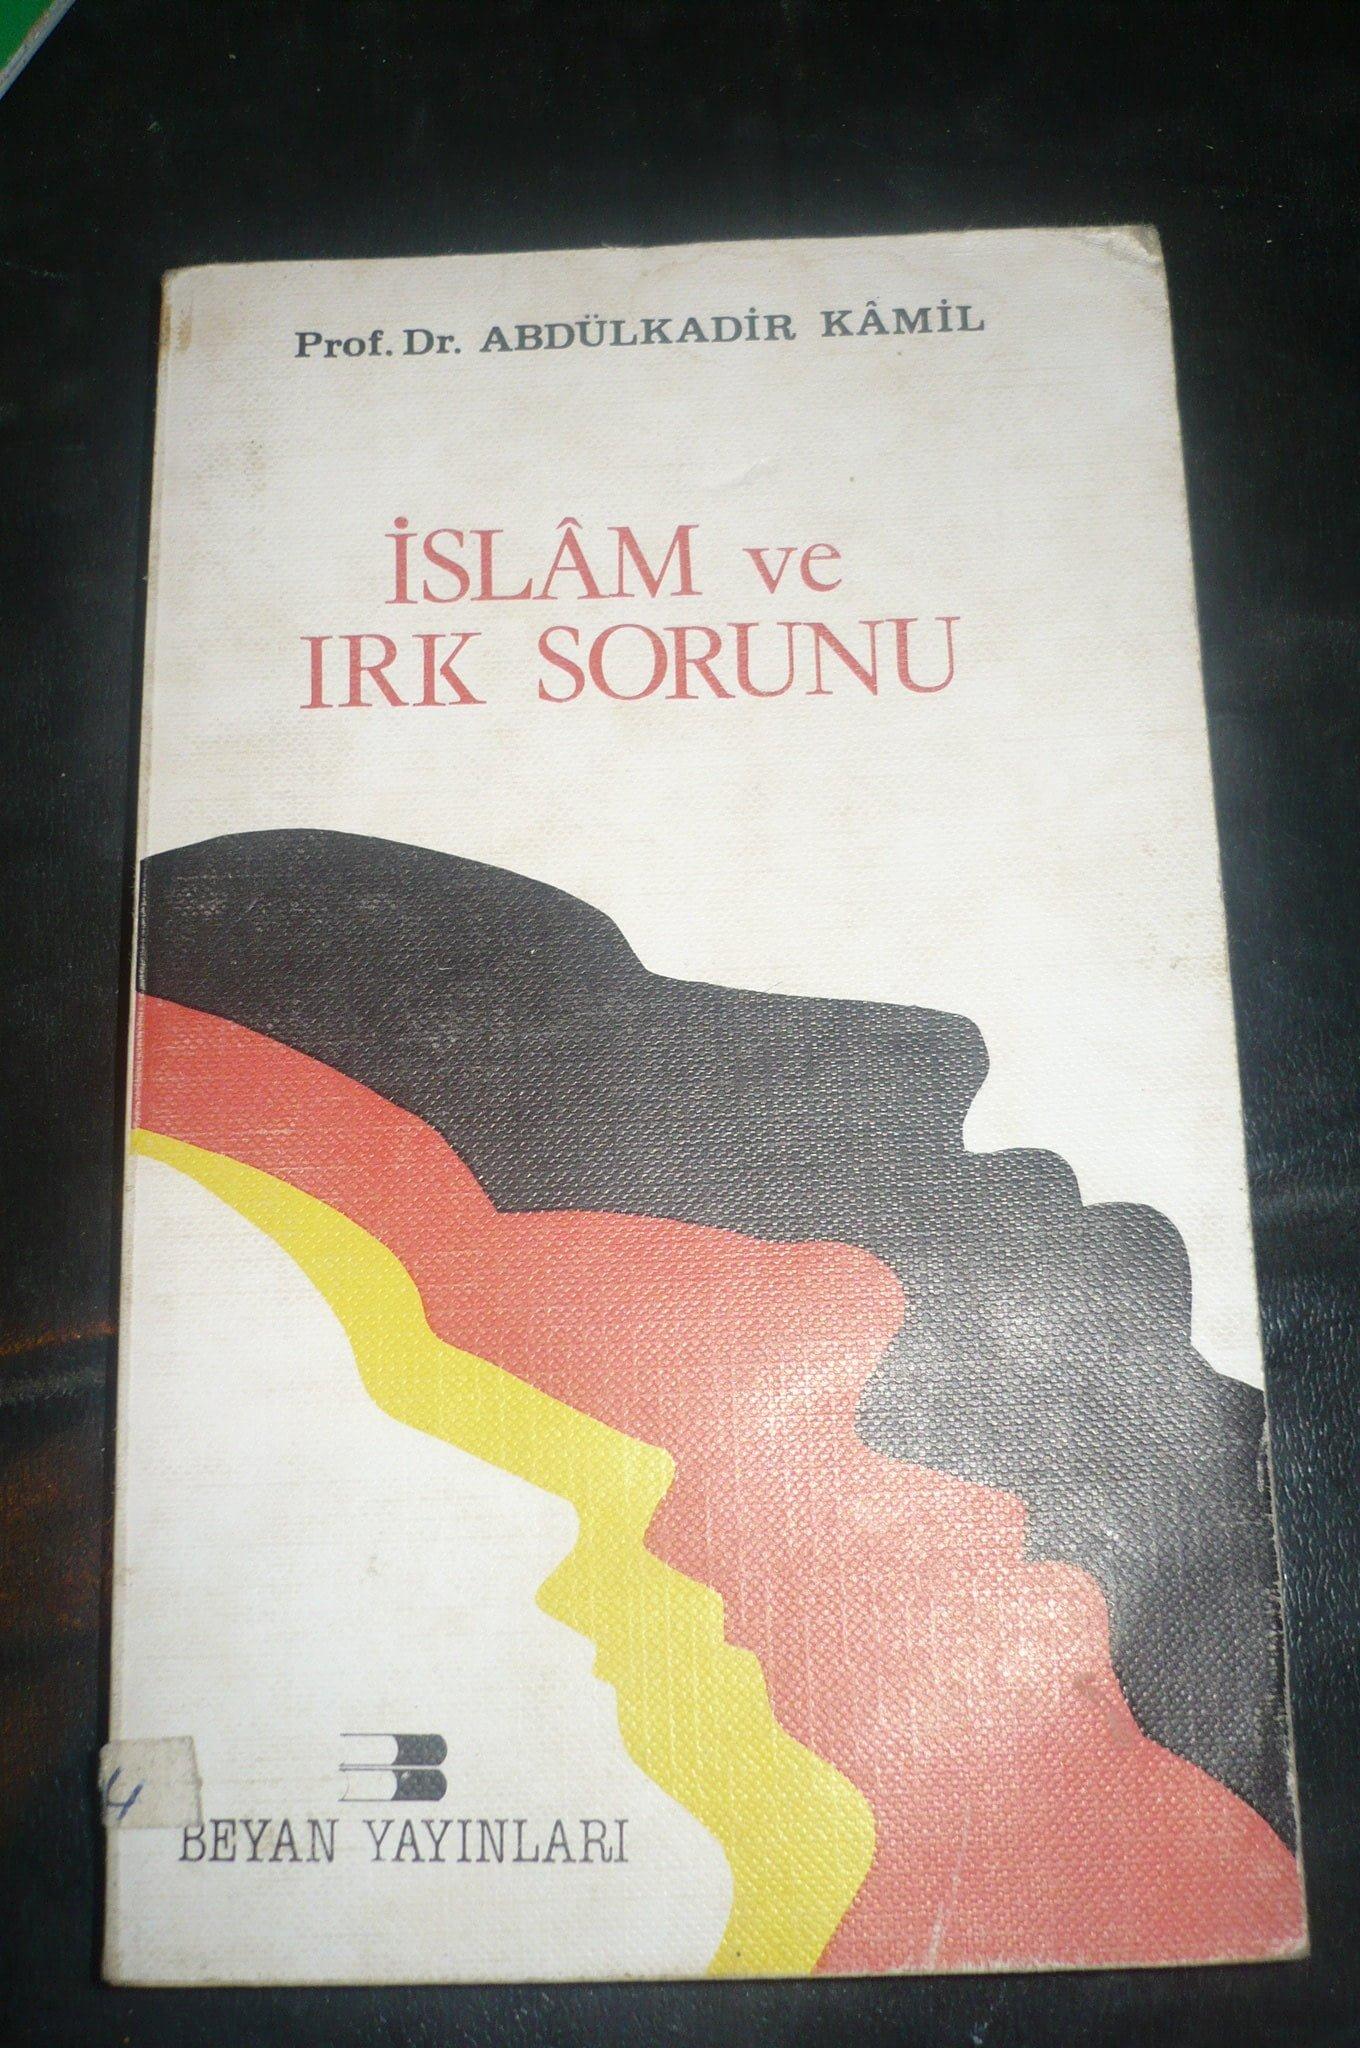 İSLAM VE IRK SORUNU/Abdulkadir Kamil/ 10 tl